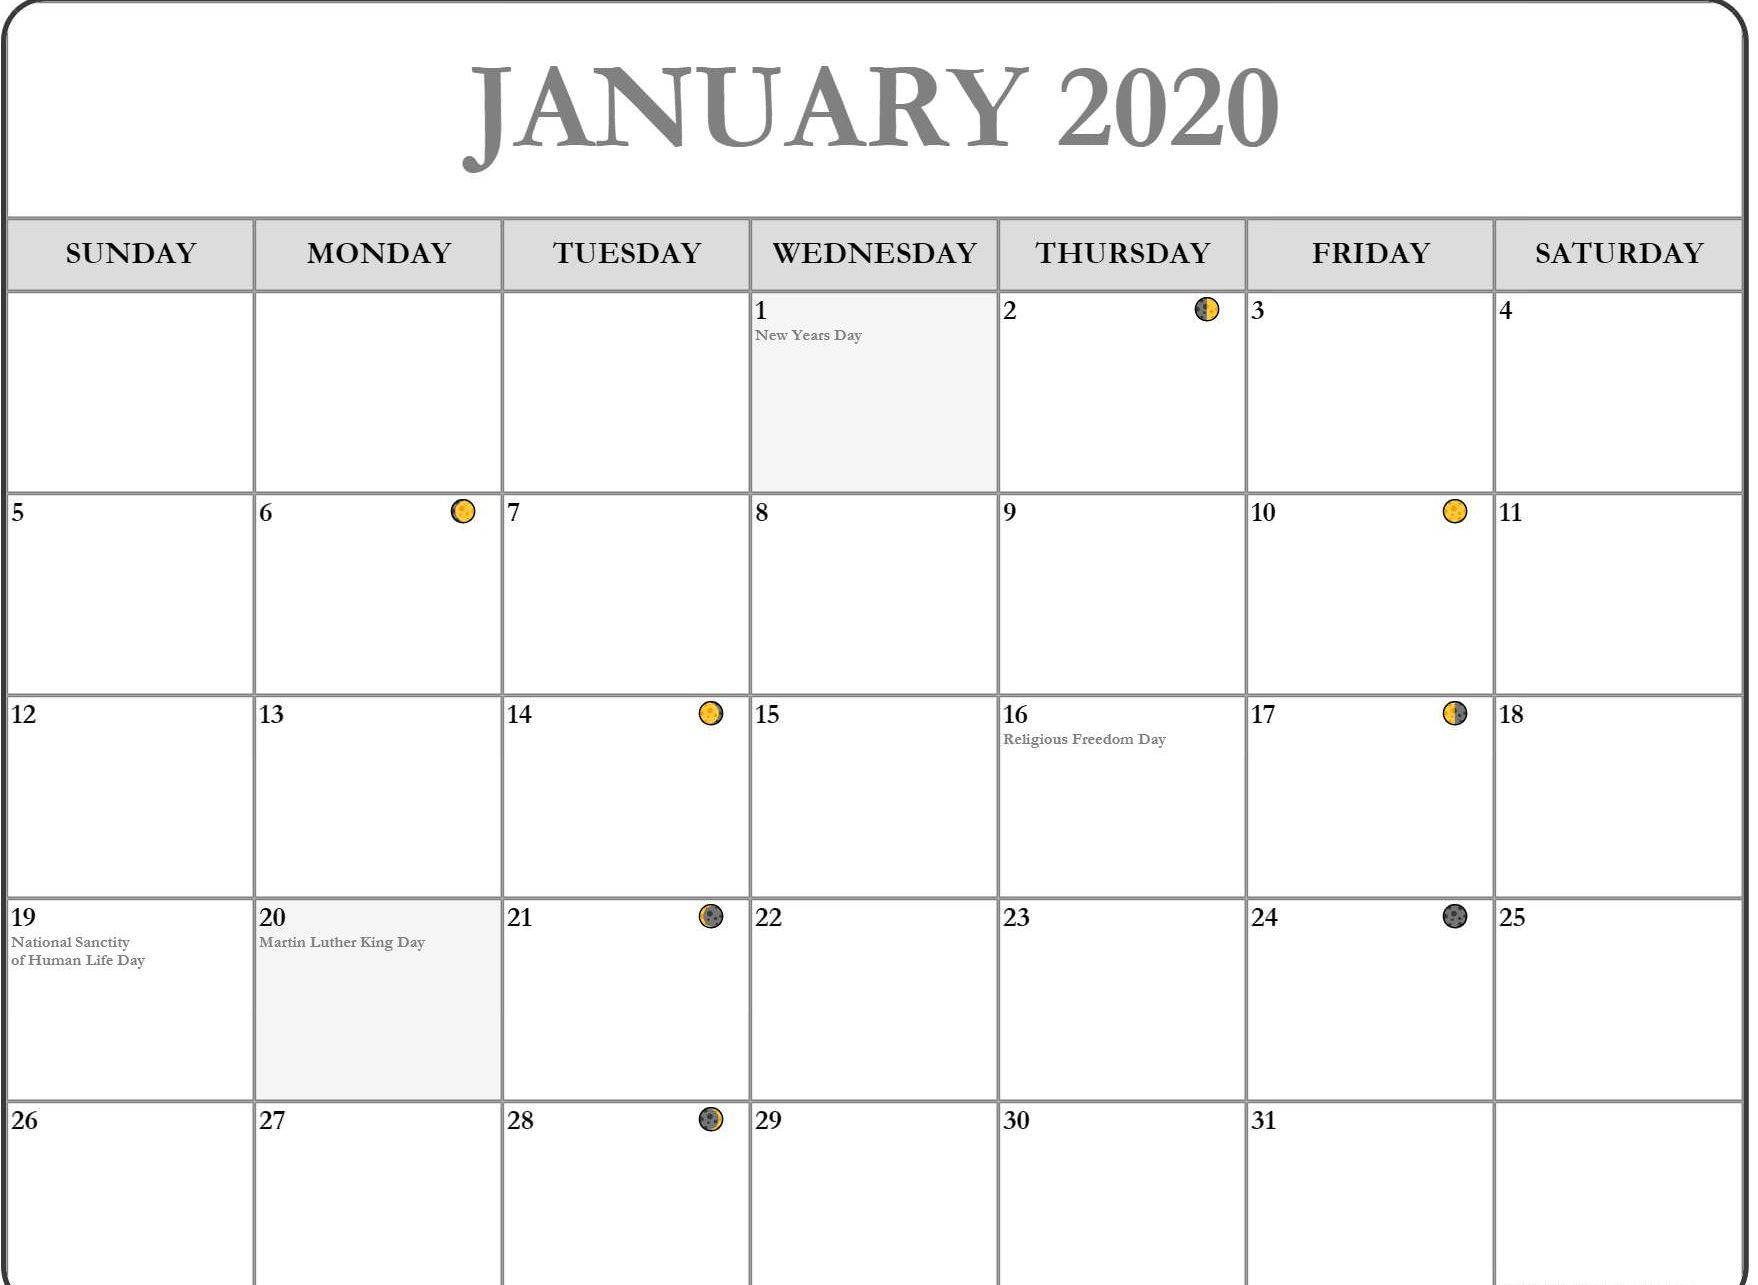 January 2020 Lunar Calendar Moon Phases